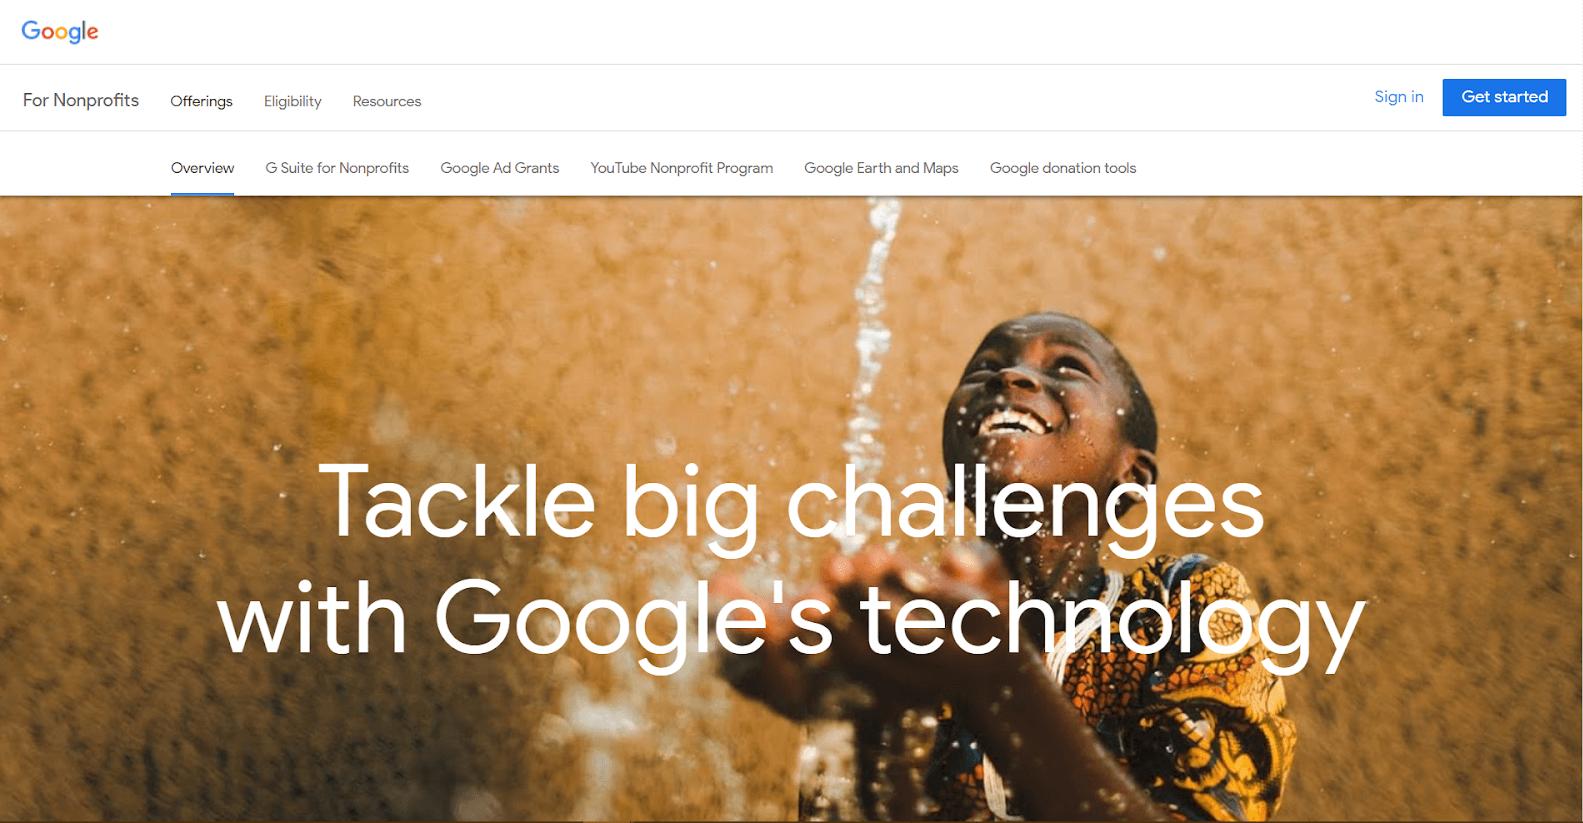 Google for Nonprofits Tools